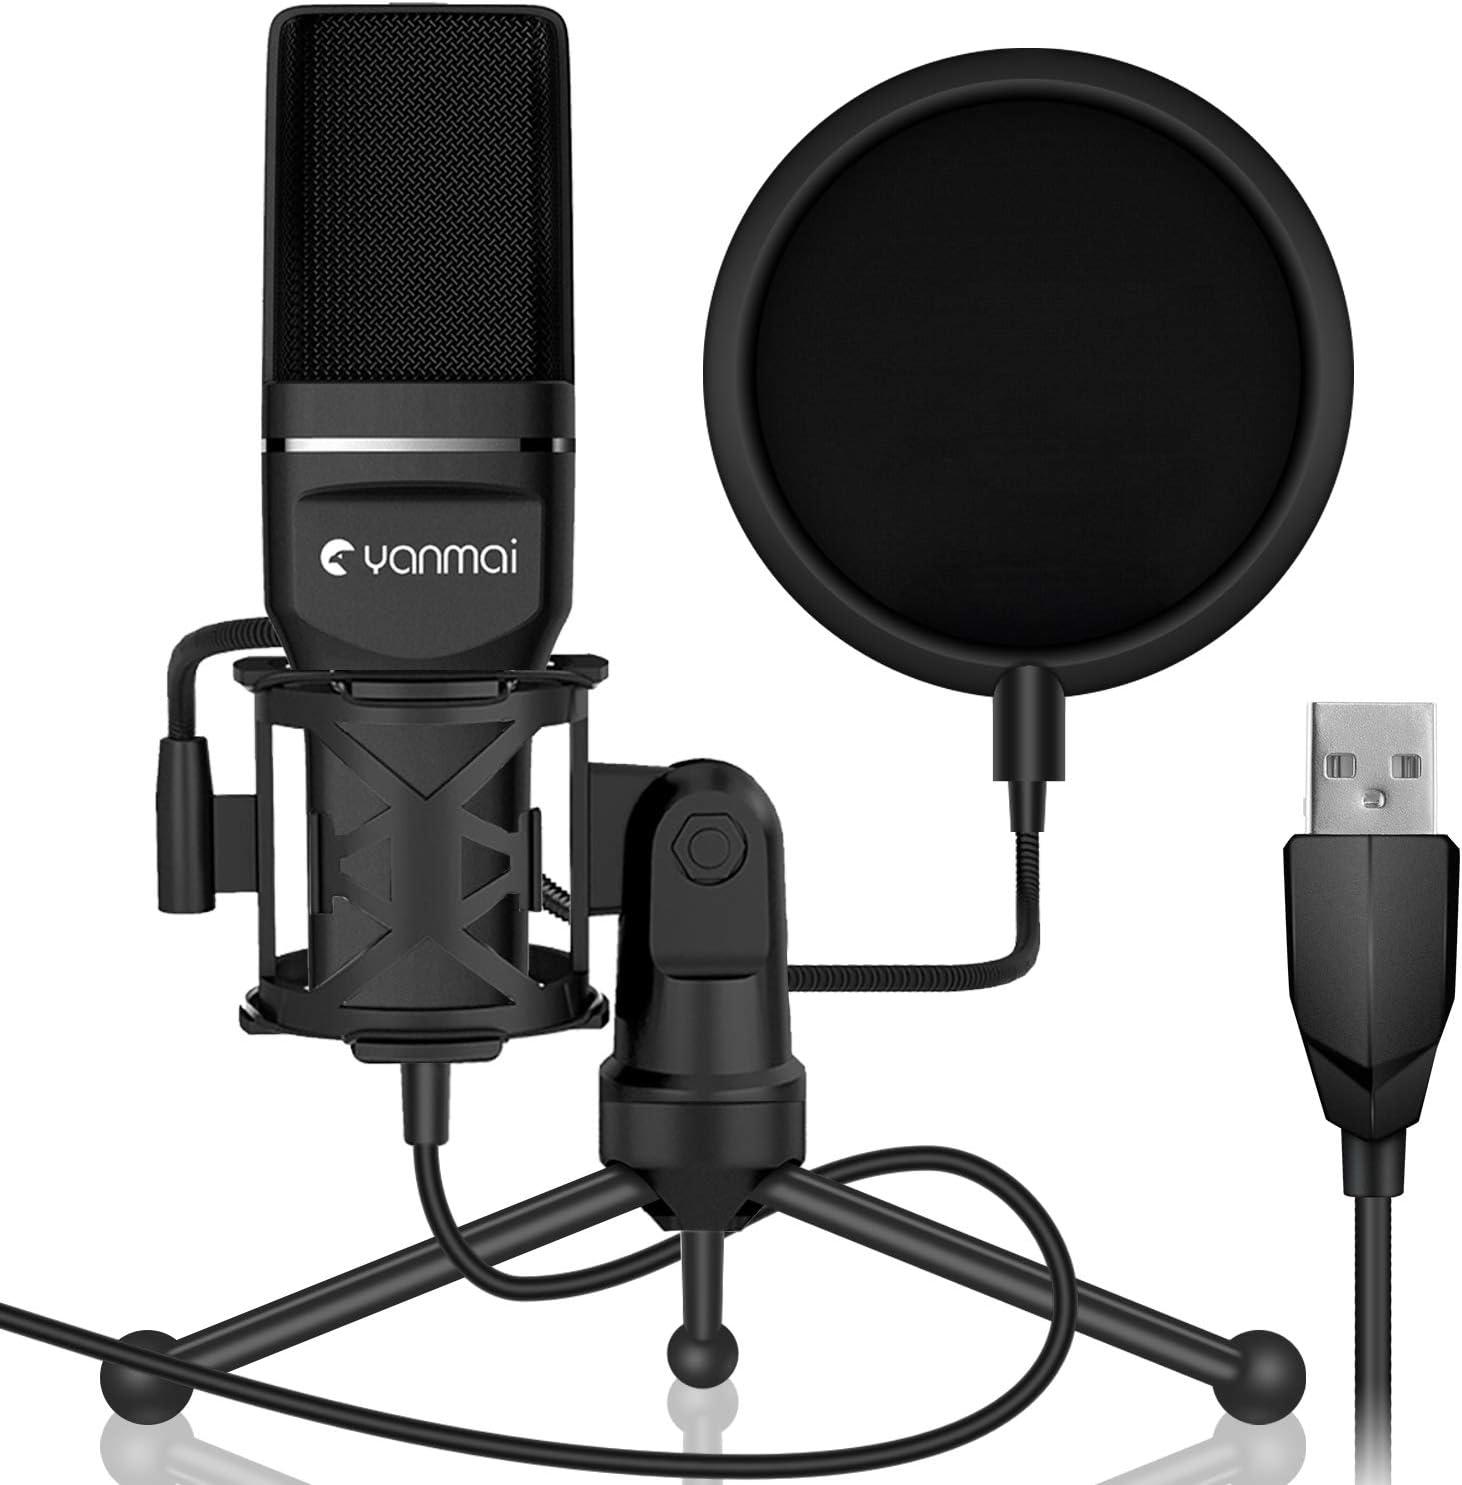 Yanmai micrófono de condensador